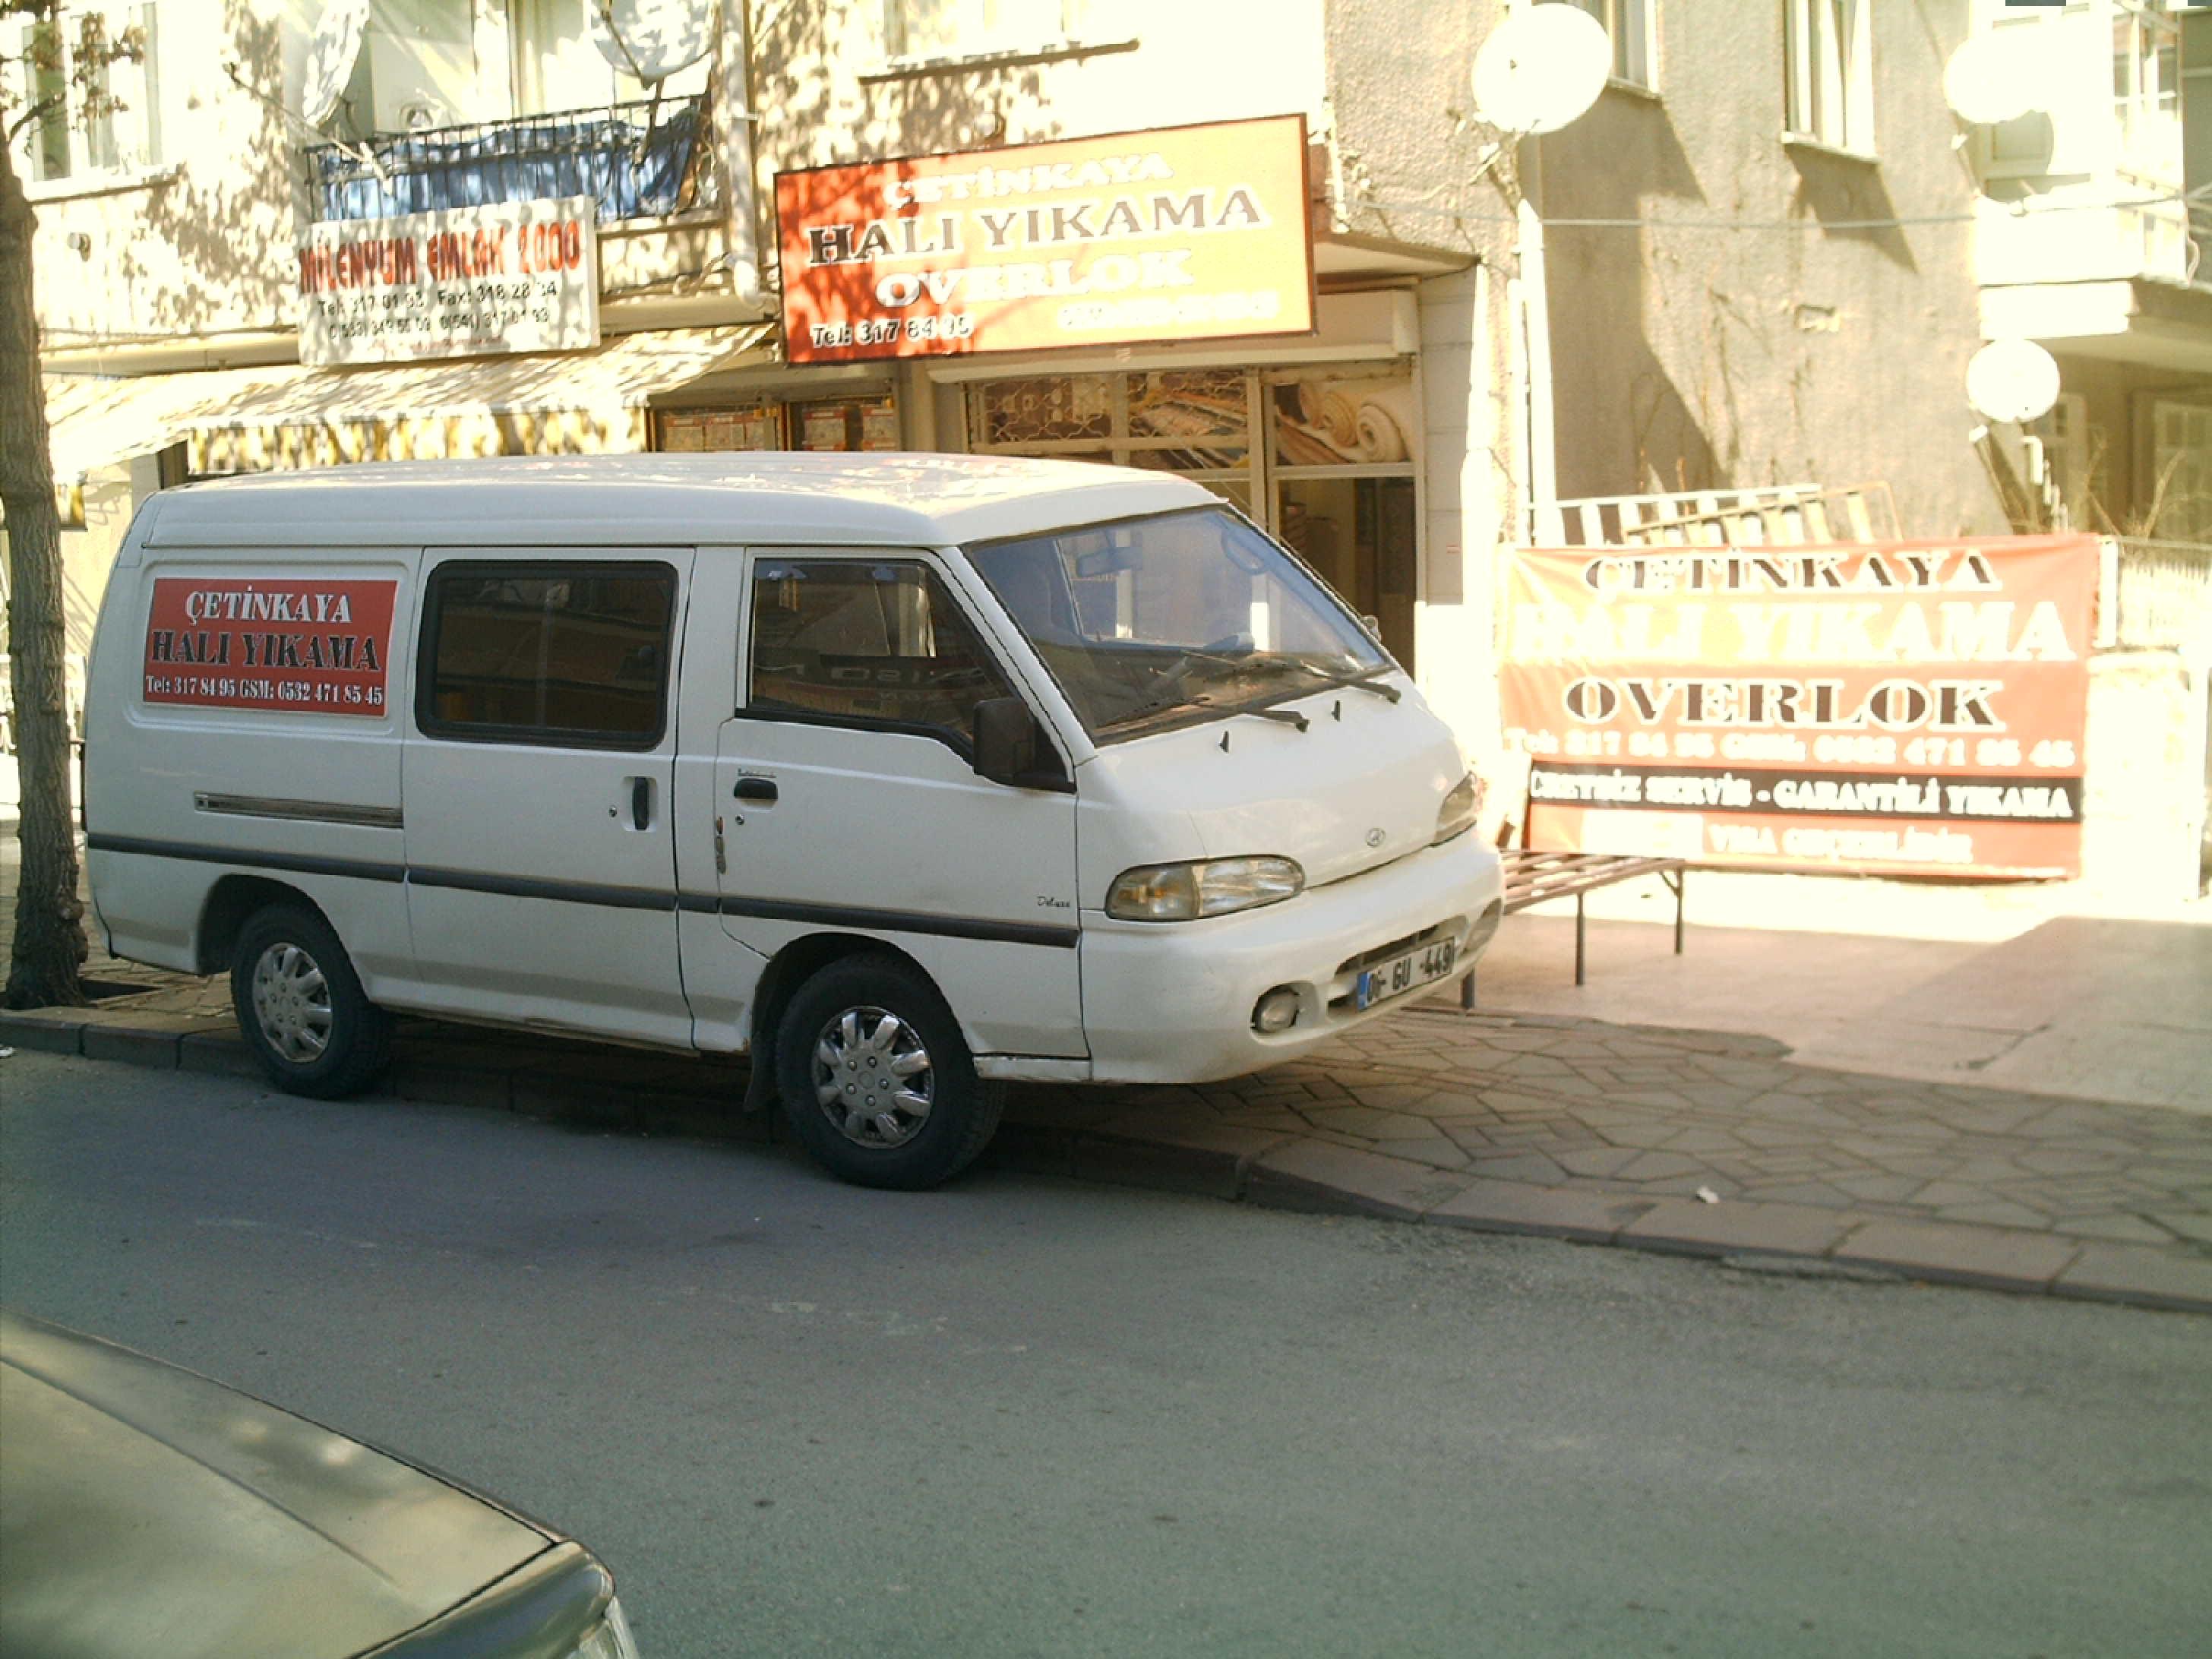 alemdag_hali_yikama_servis